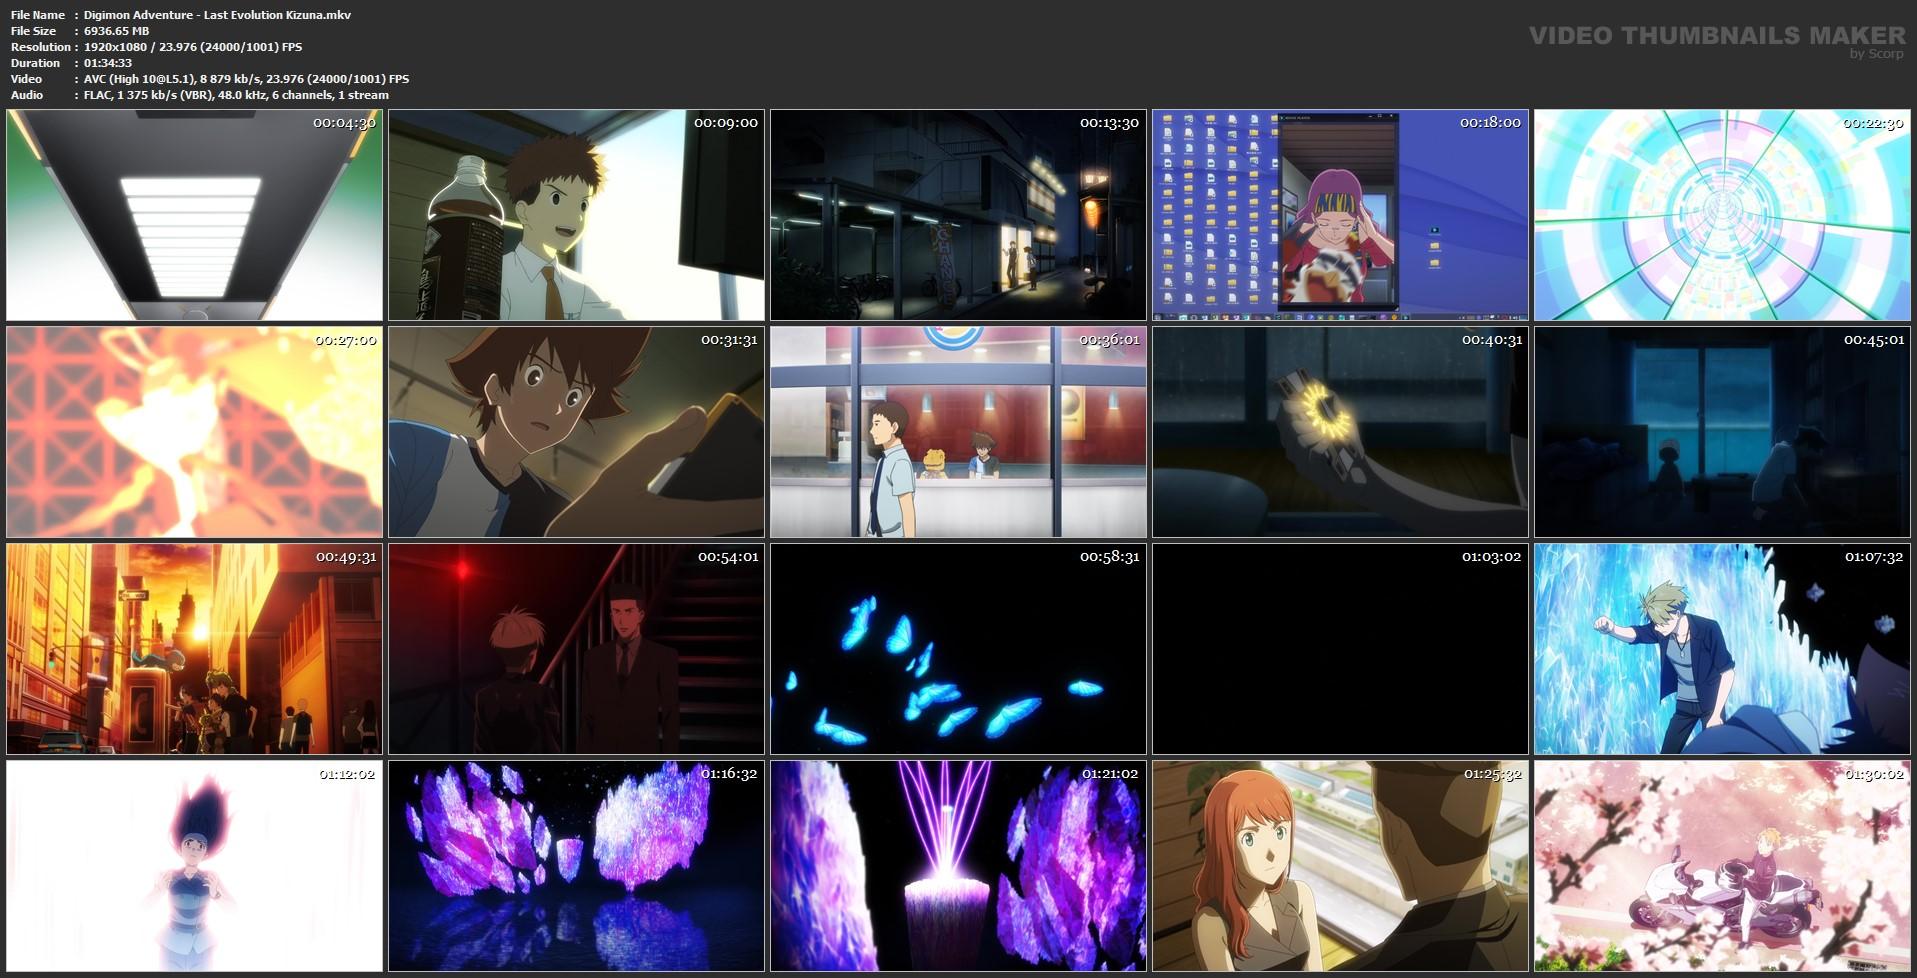 Digimon-Adventure-Last-Evolution-Kizuna-mkv